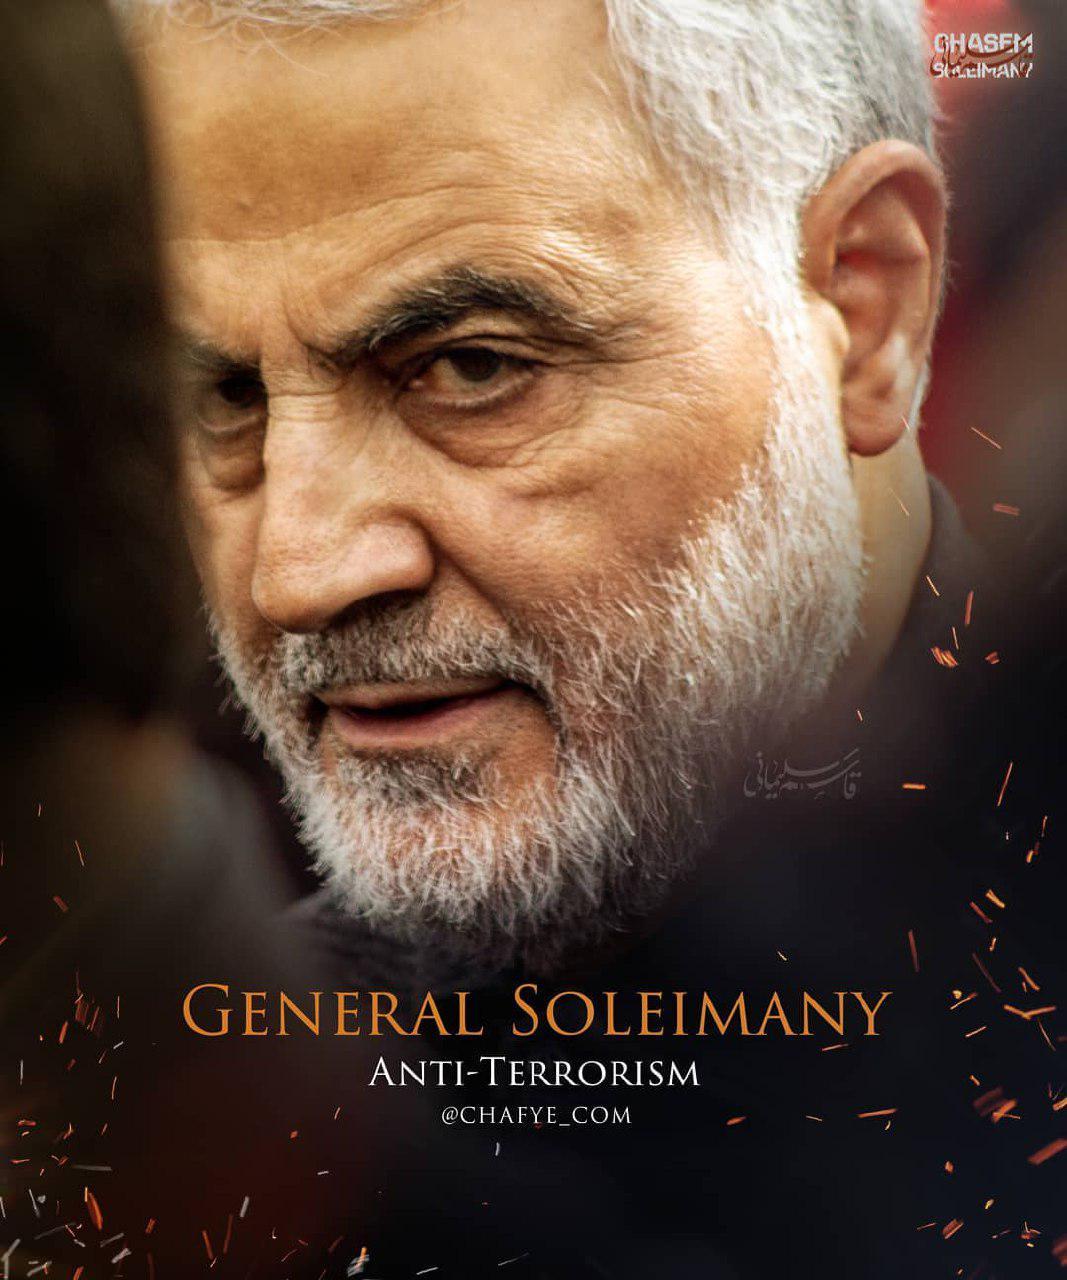 واکنش اینستاگرامی سردار سلیمانی به حادثه تروریستی سیستان